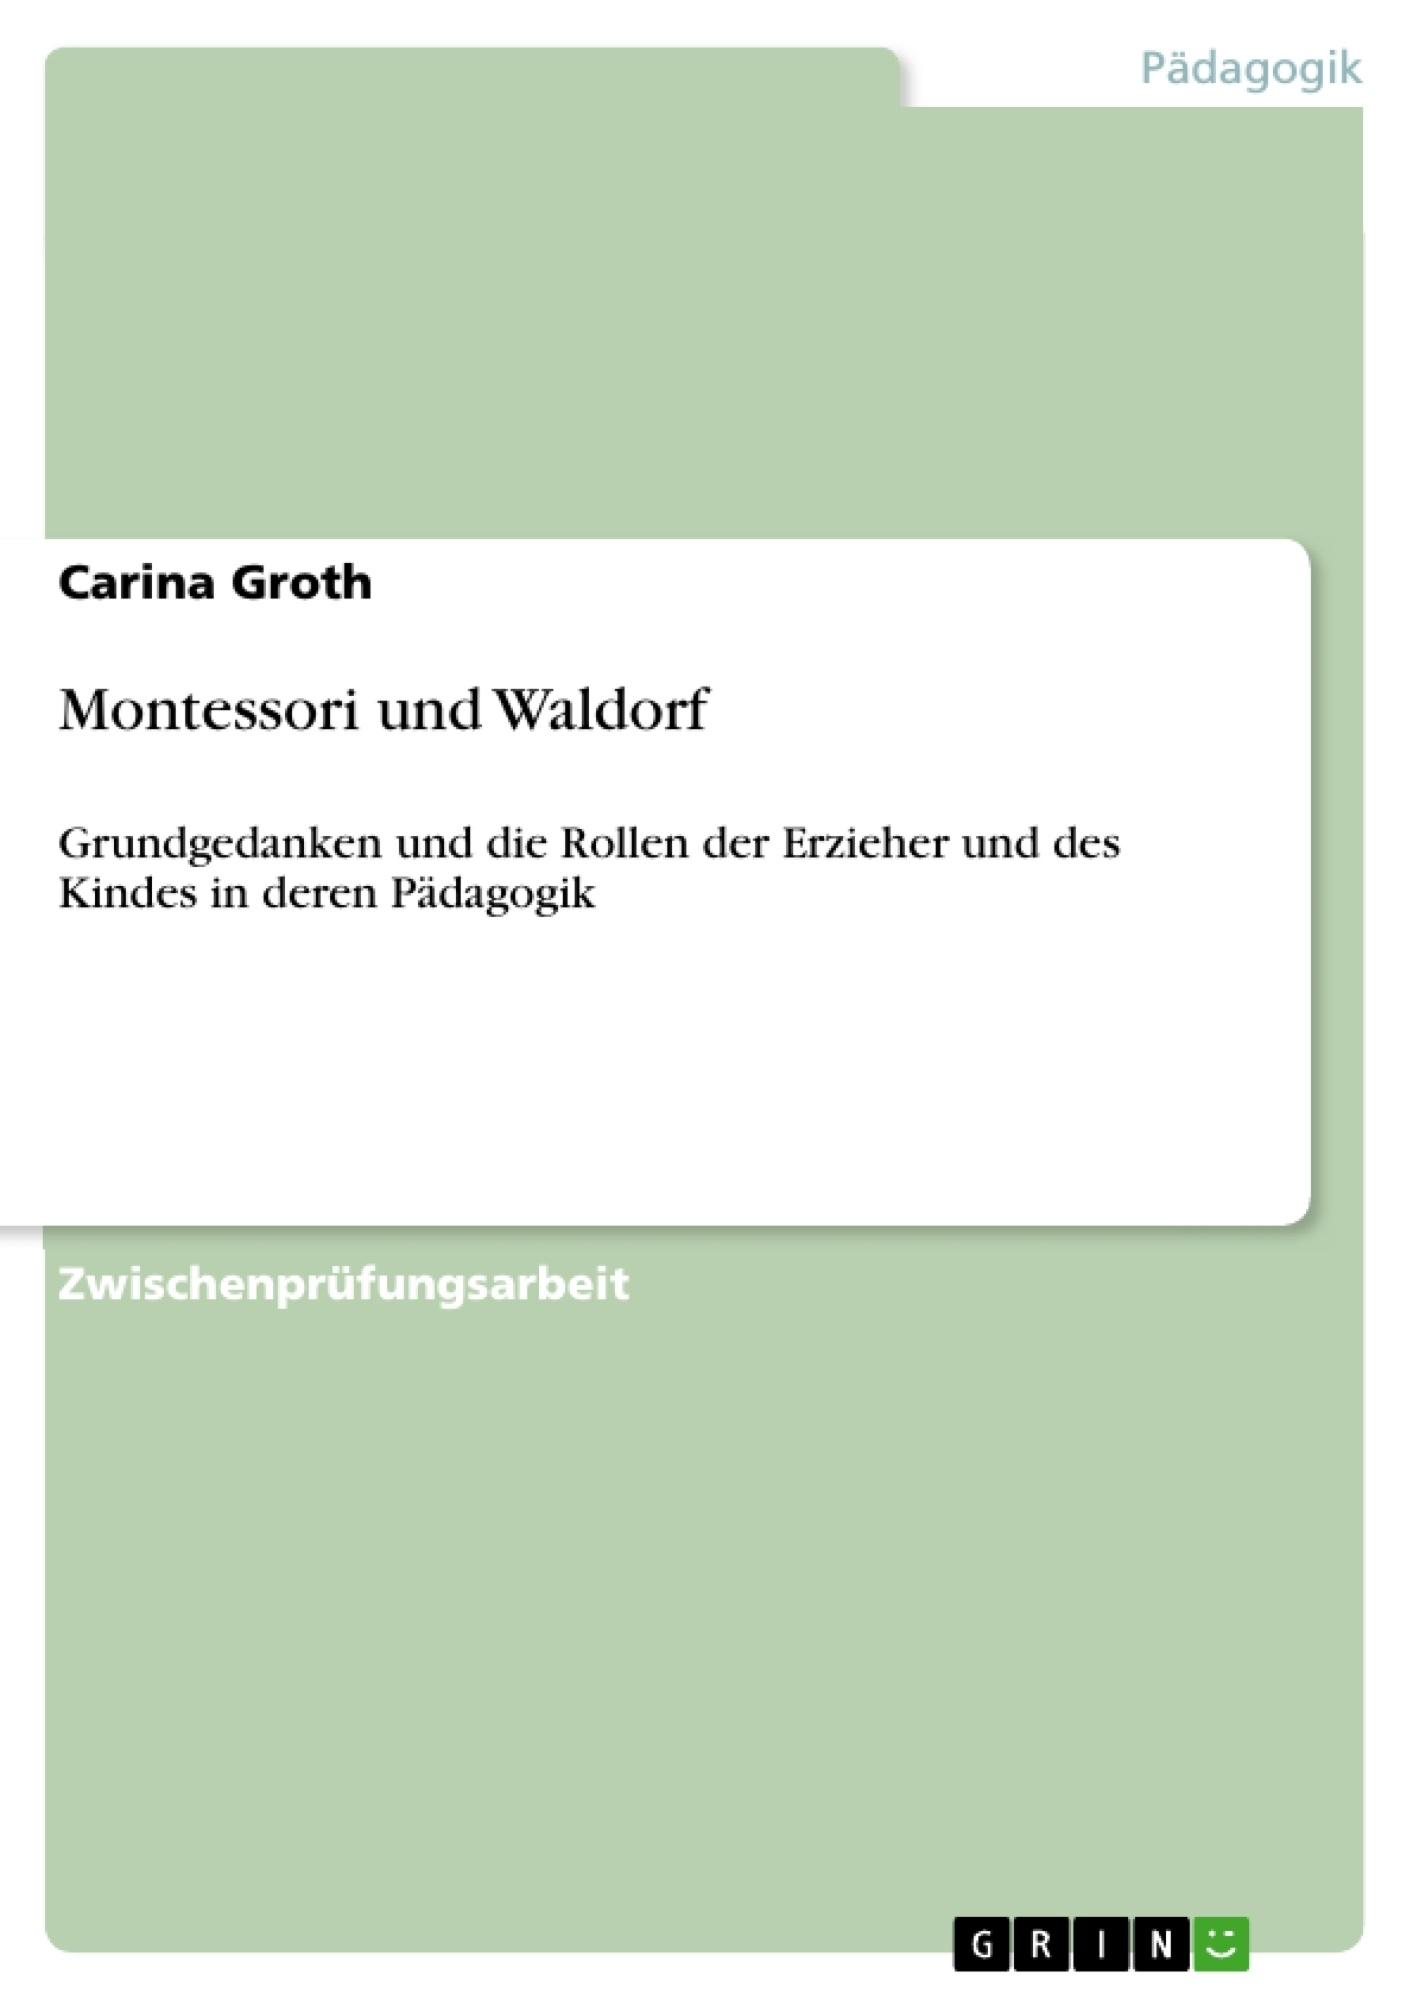 Titel: Montessori und Waldorf